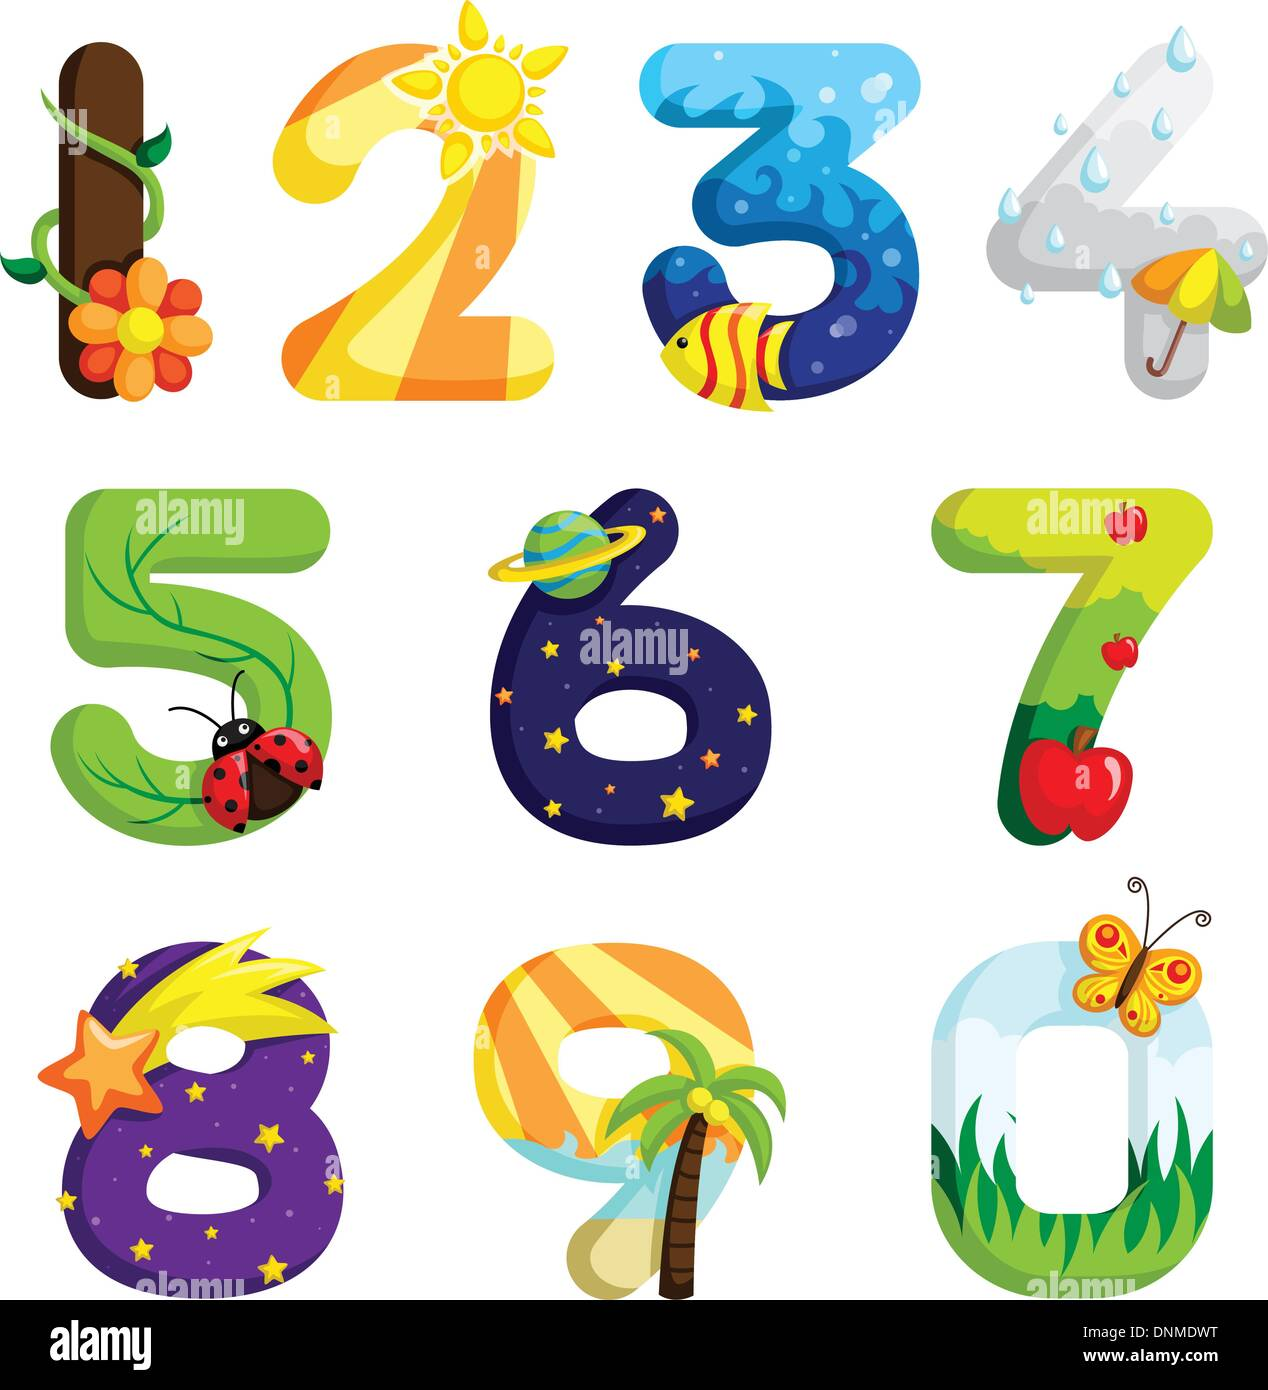 Eine Vektor-Illustration aus einer Reihe von Zahlen in lustigen design Stockbild